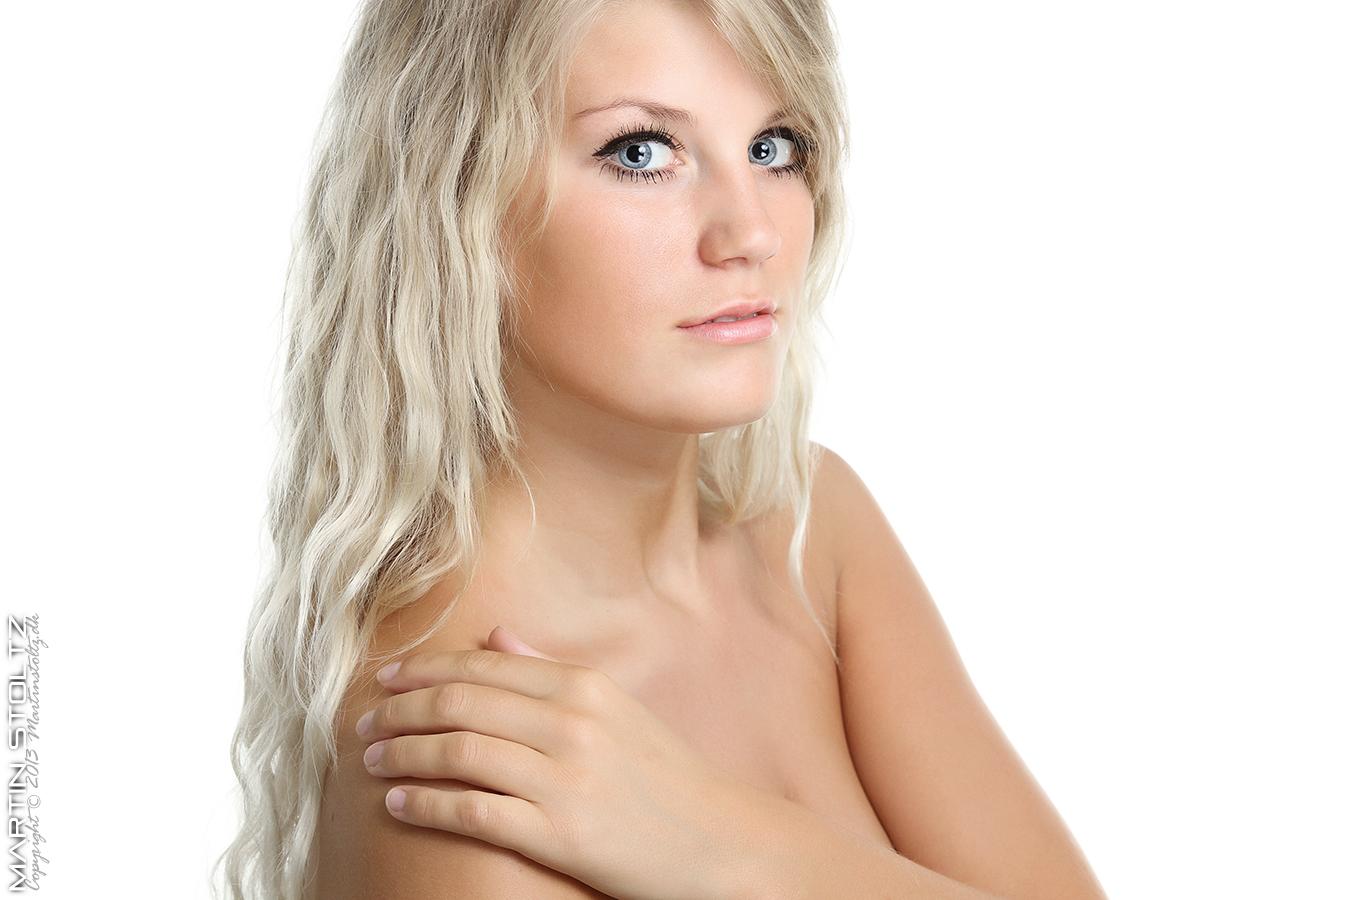 hvad er tantra sex køb af pornofilm